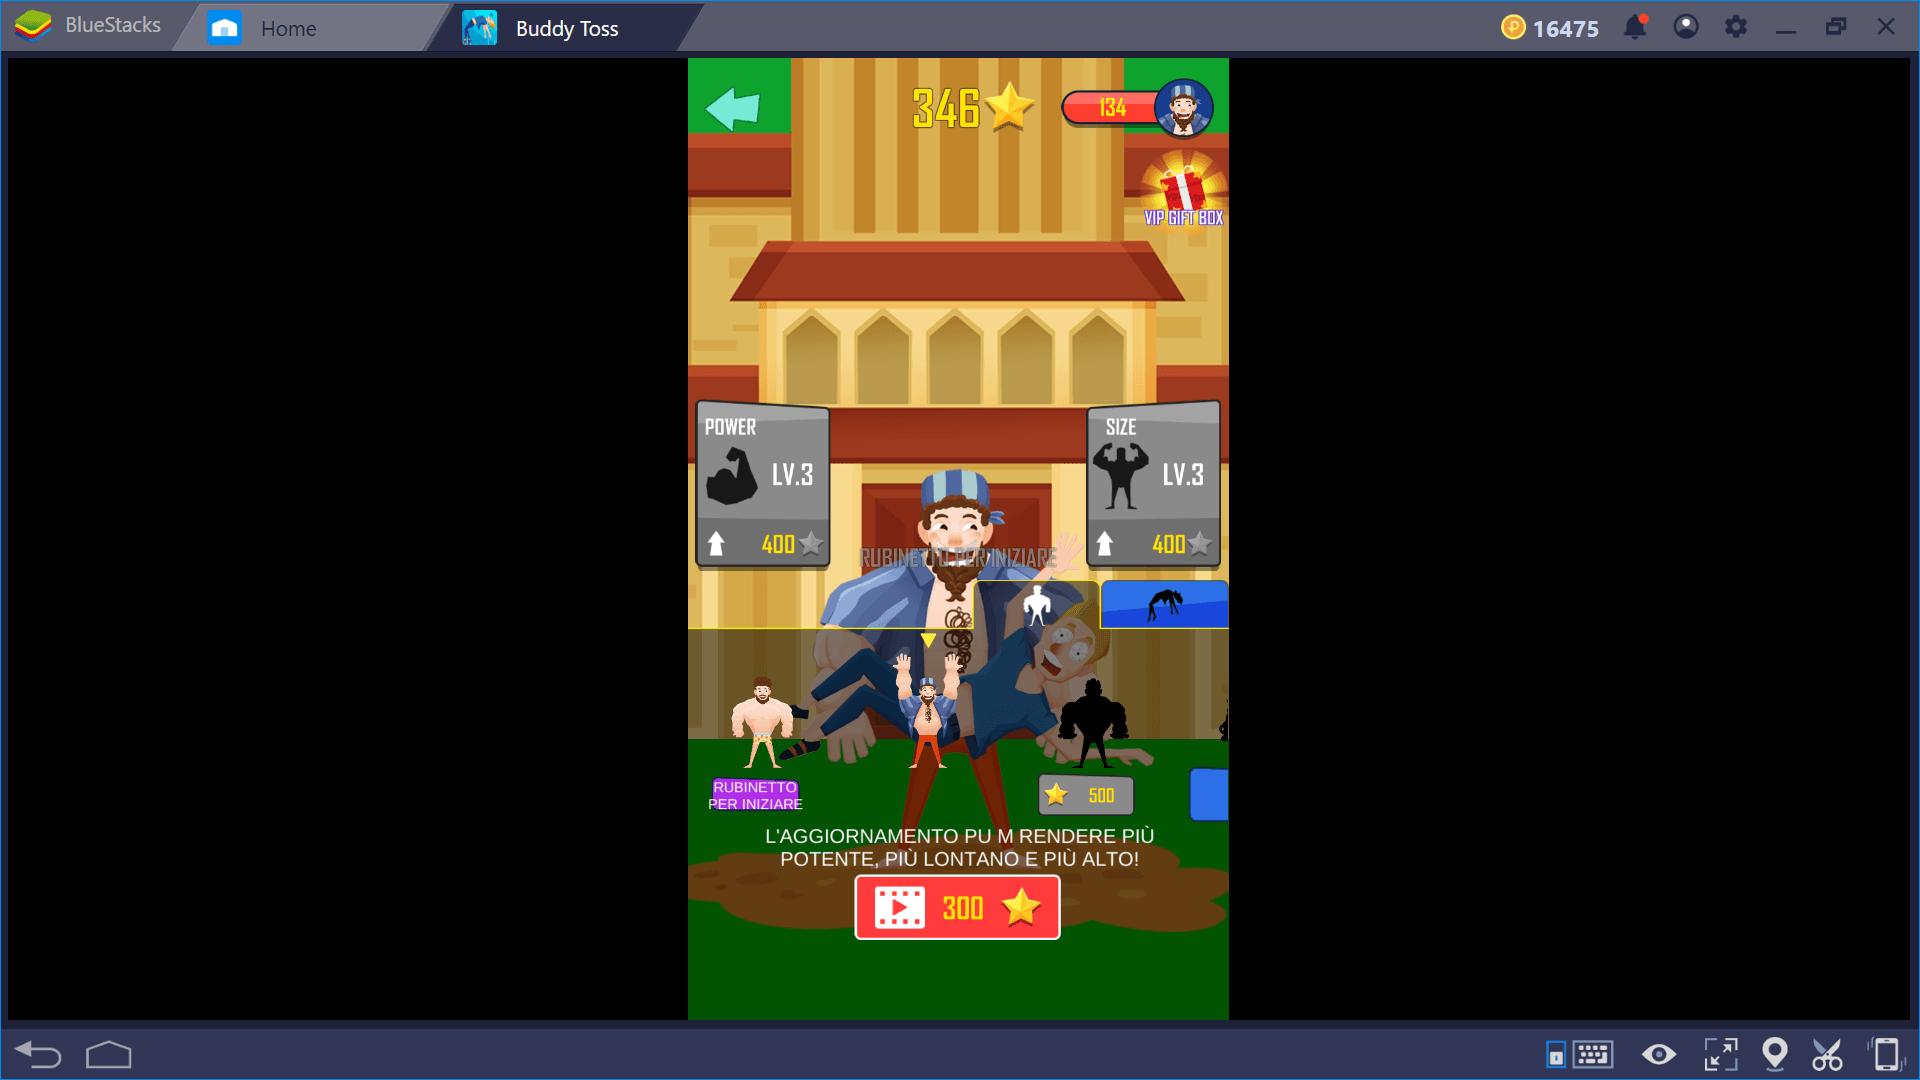 Buddy Toss: un simpatico casual game